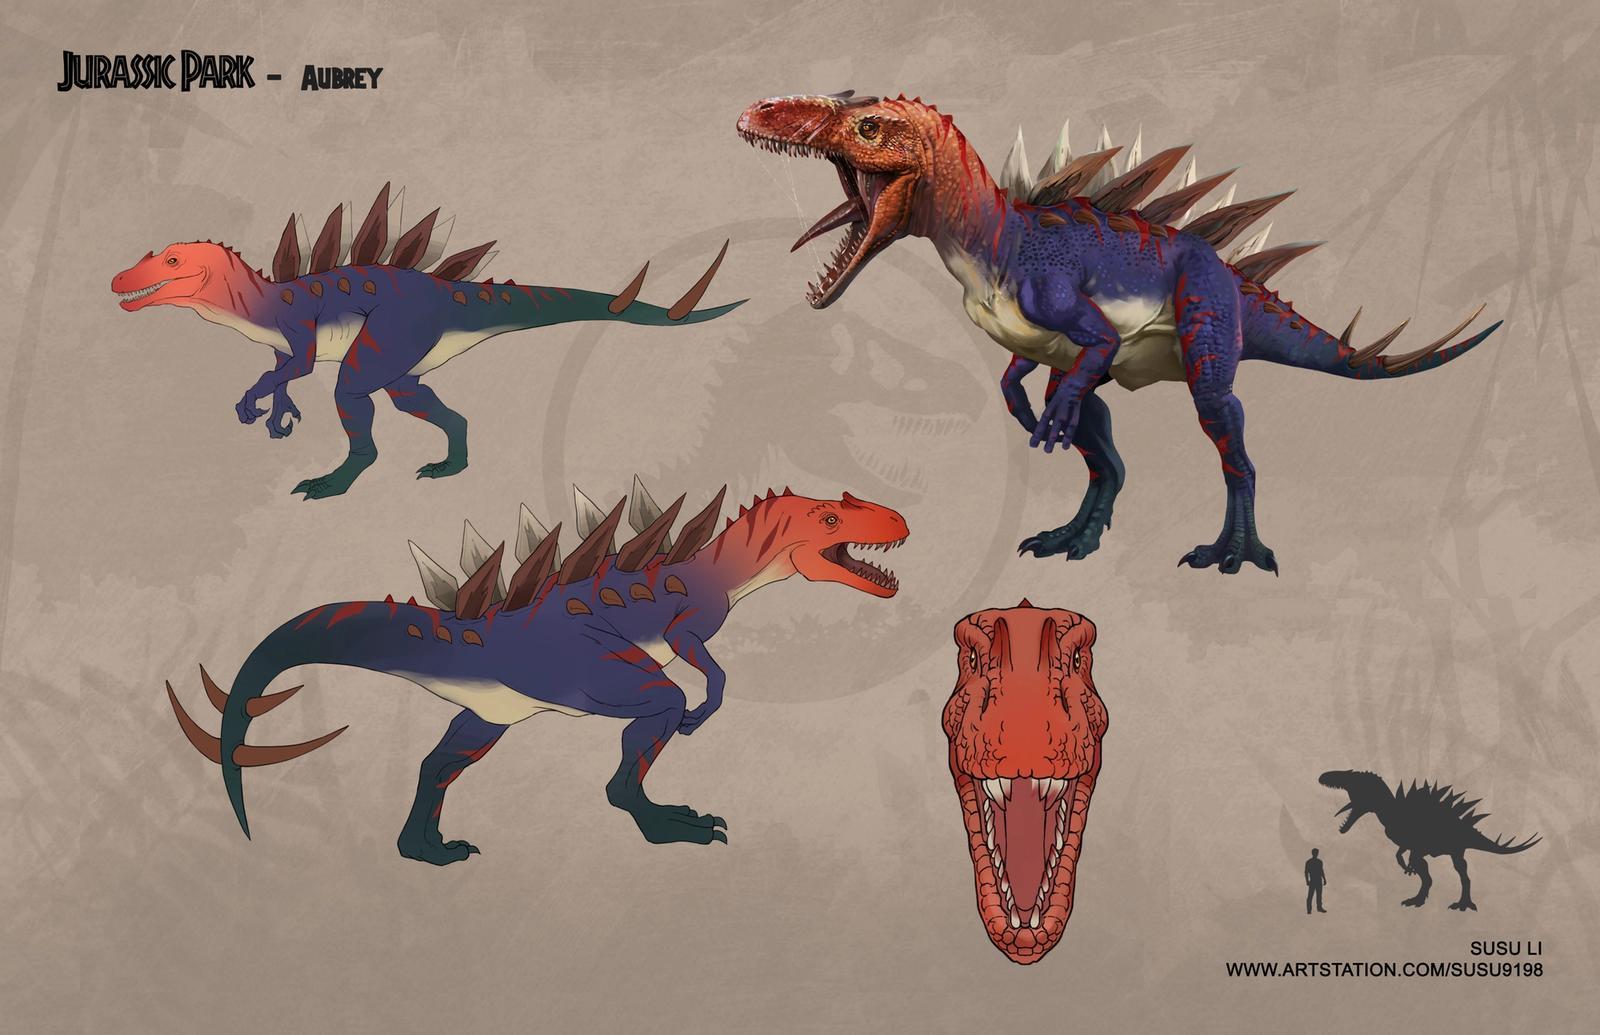 Aubrey - Jurassic Park